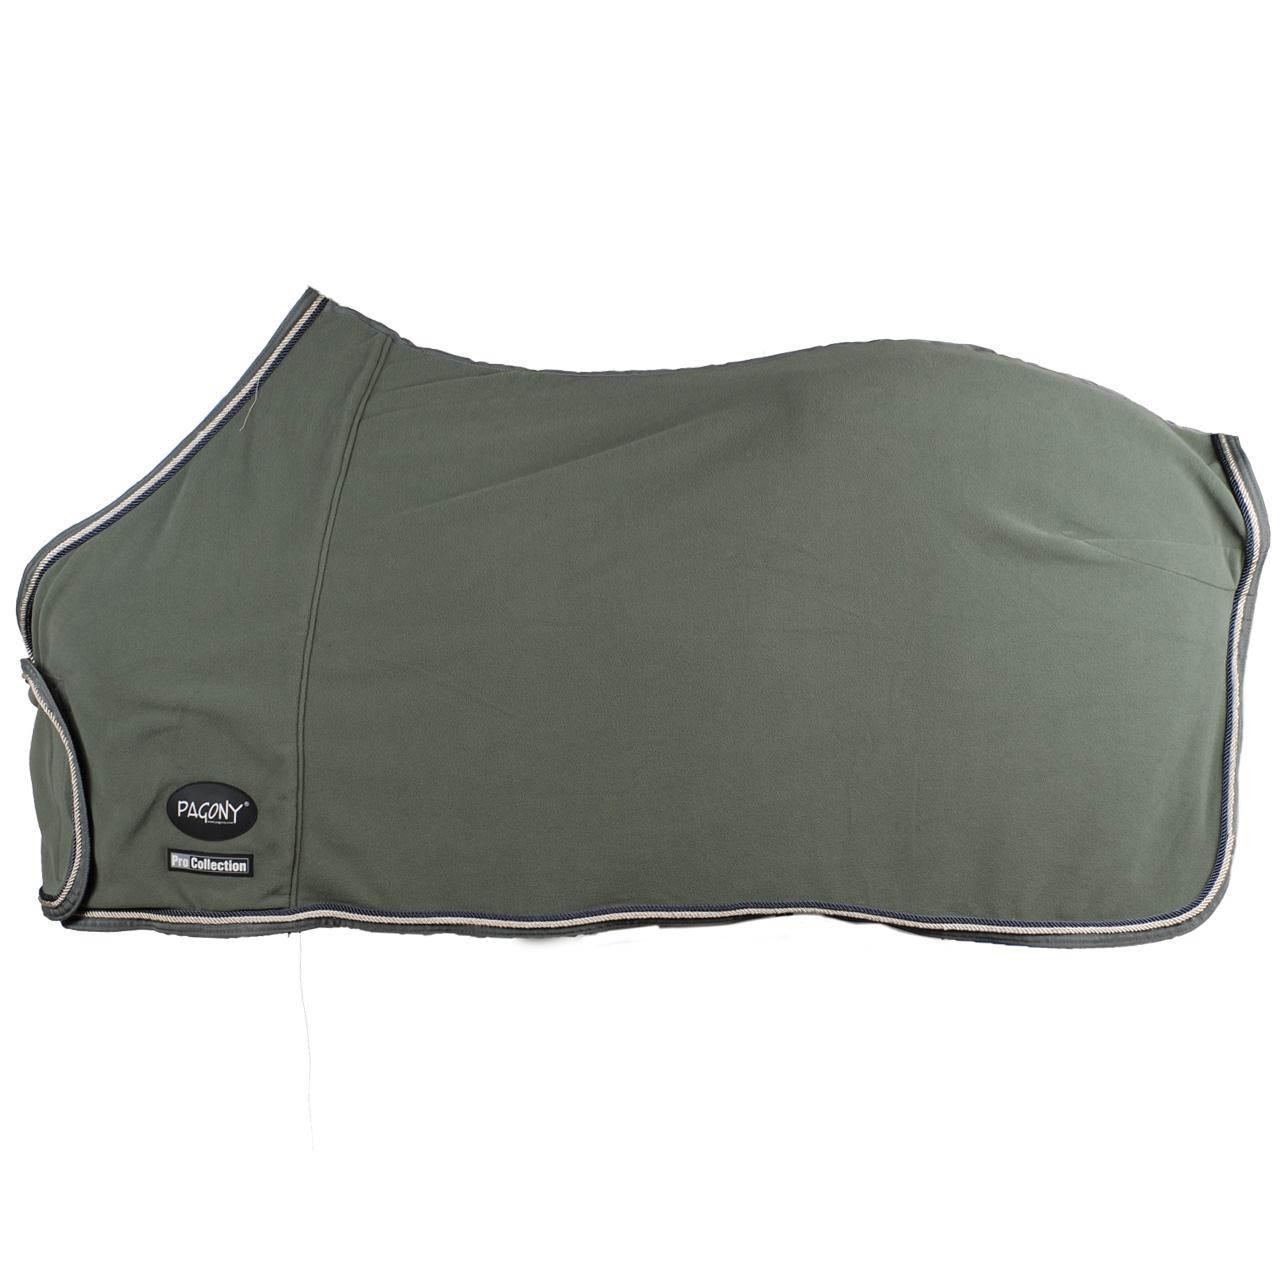 Pagony Pro showfleece deken grijs maat:185